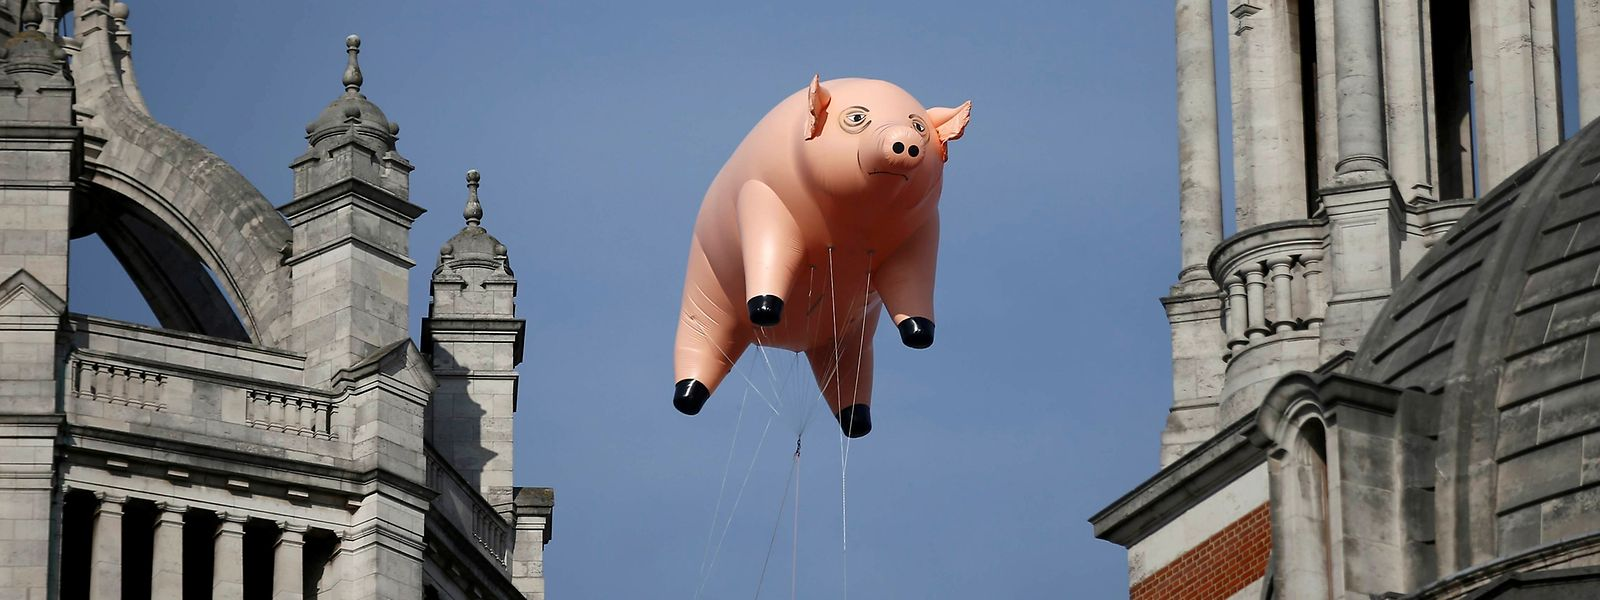 Le cochon gonflable de Pink Floyd.